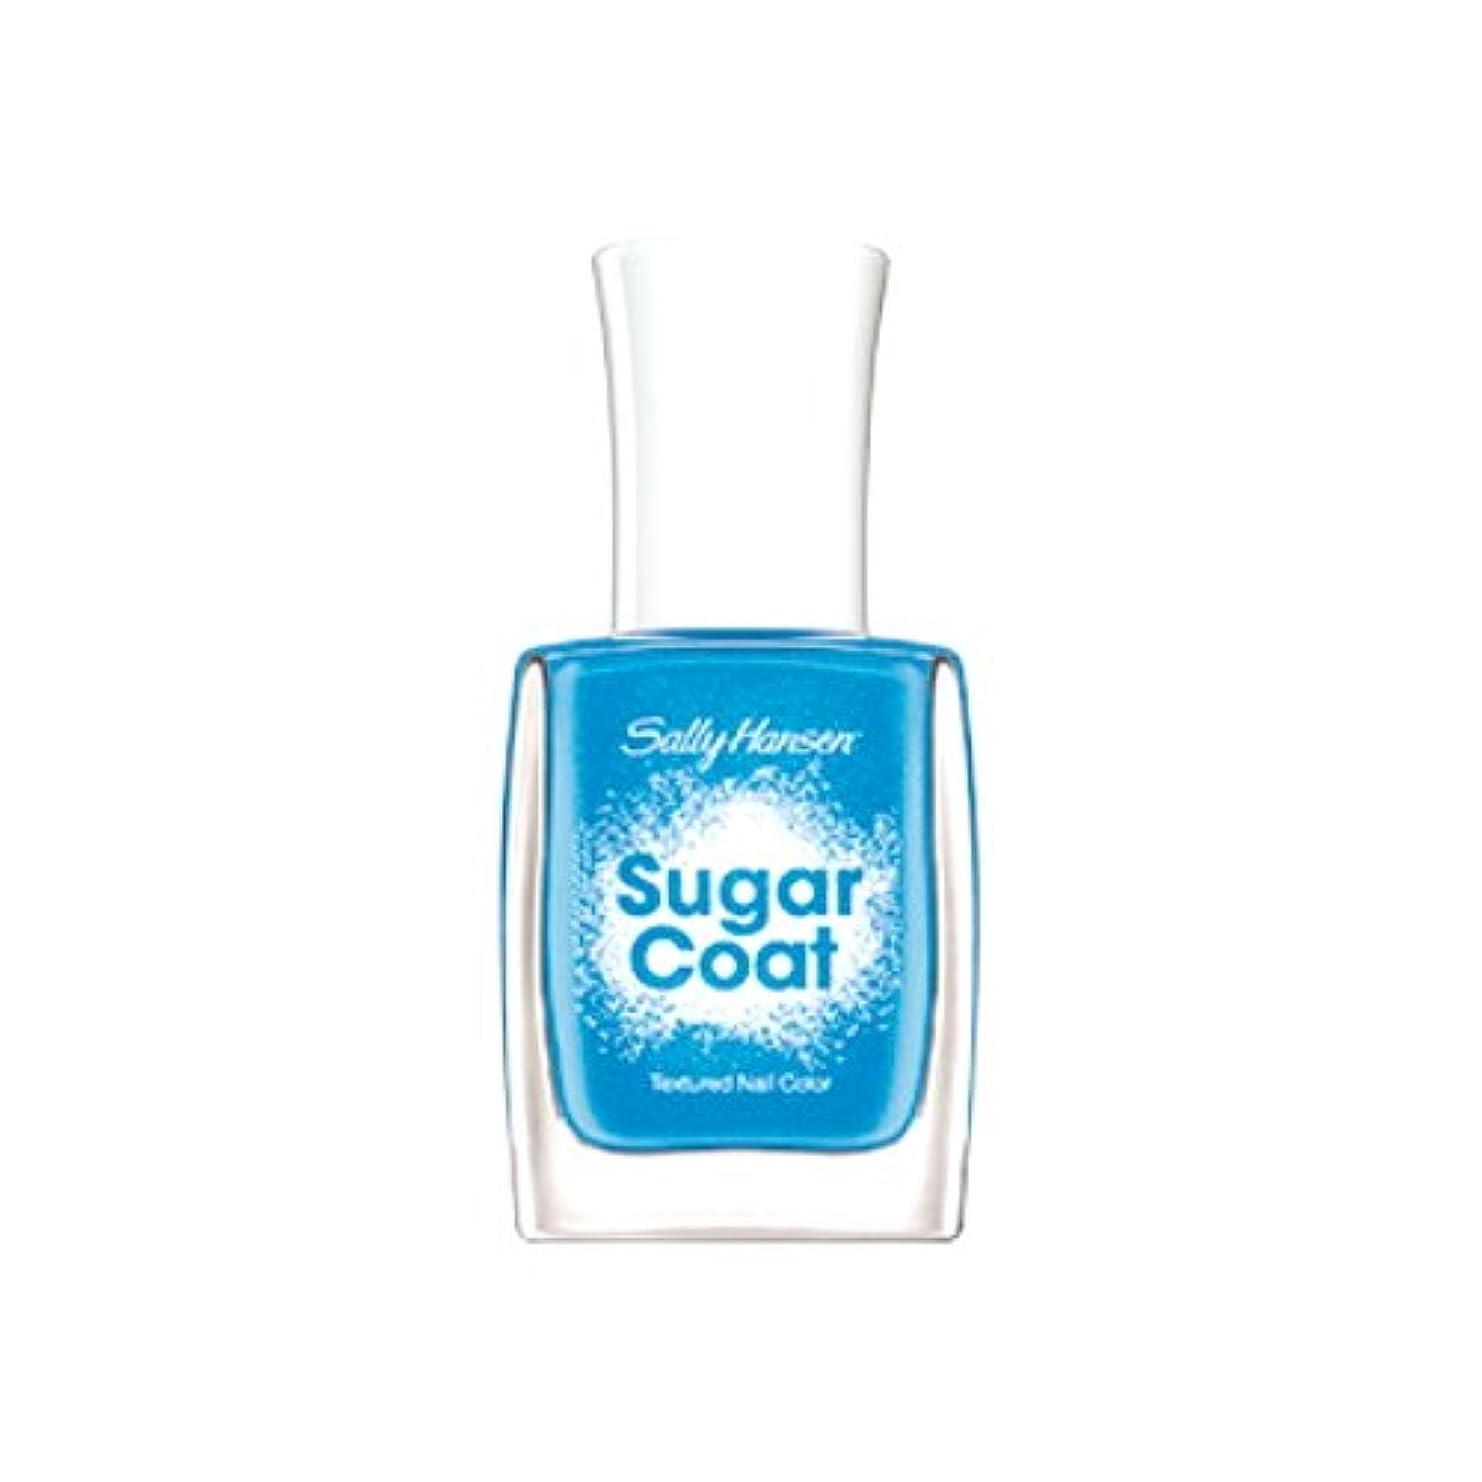 メタリックアクティビティトレーダーSALLY HANSEN Sugar Coat Special Effect Textured Nail Color - Razzle-berry (並行輸入品)